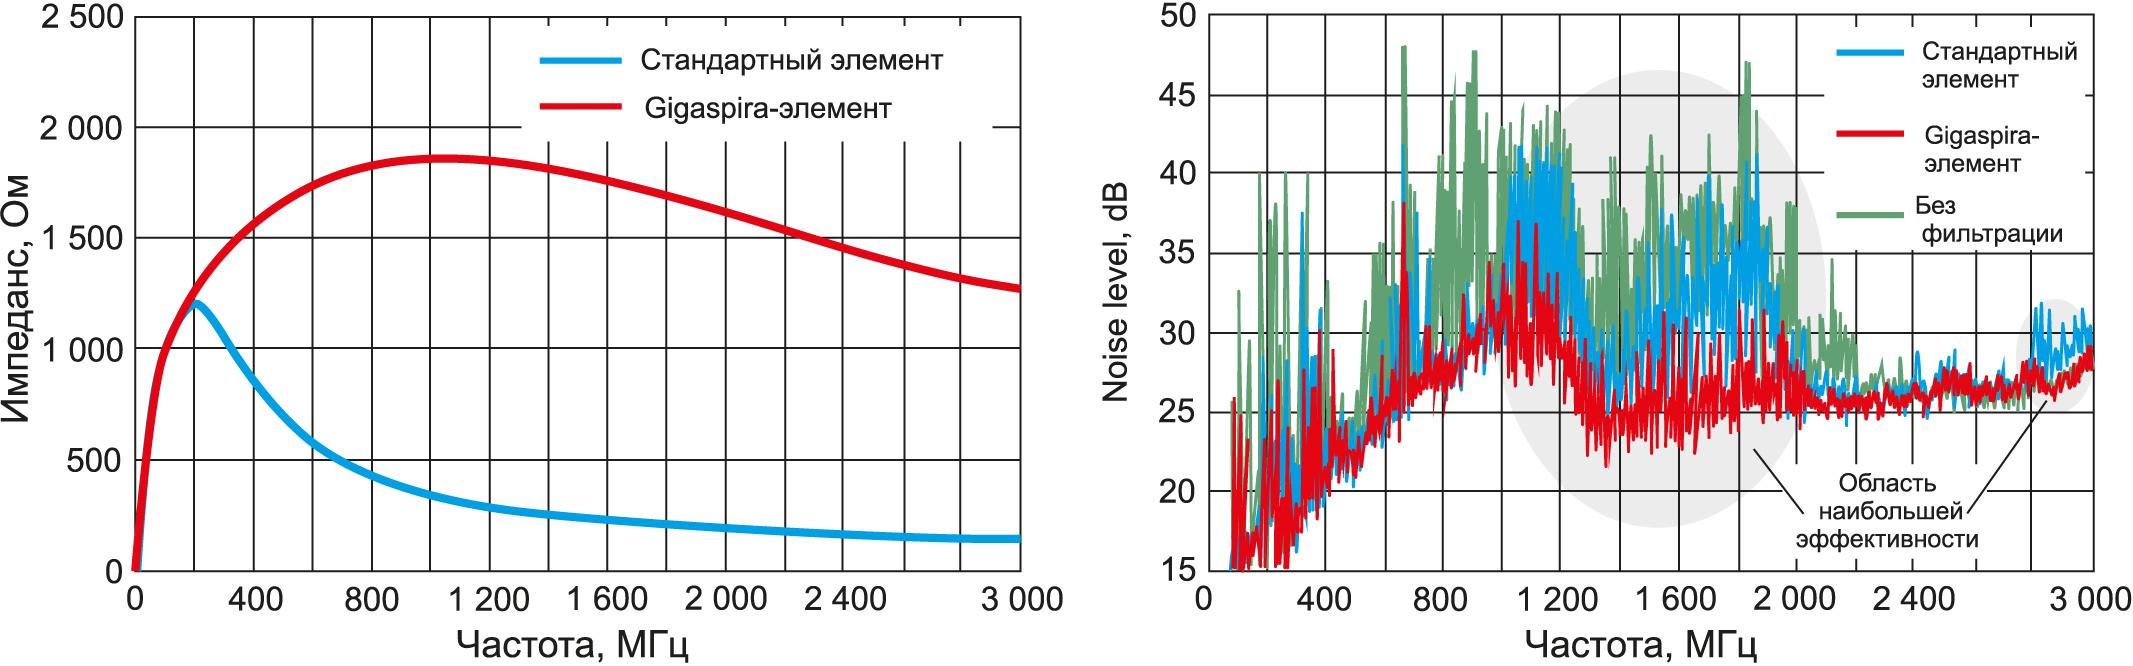 Подавление ЭМП ферритовыми элементами Gigaspira компании TDK по сравнению с традиционными